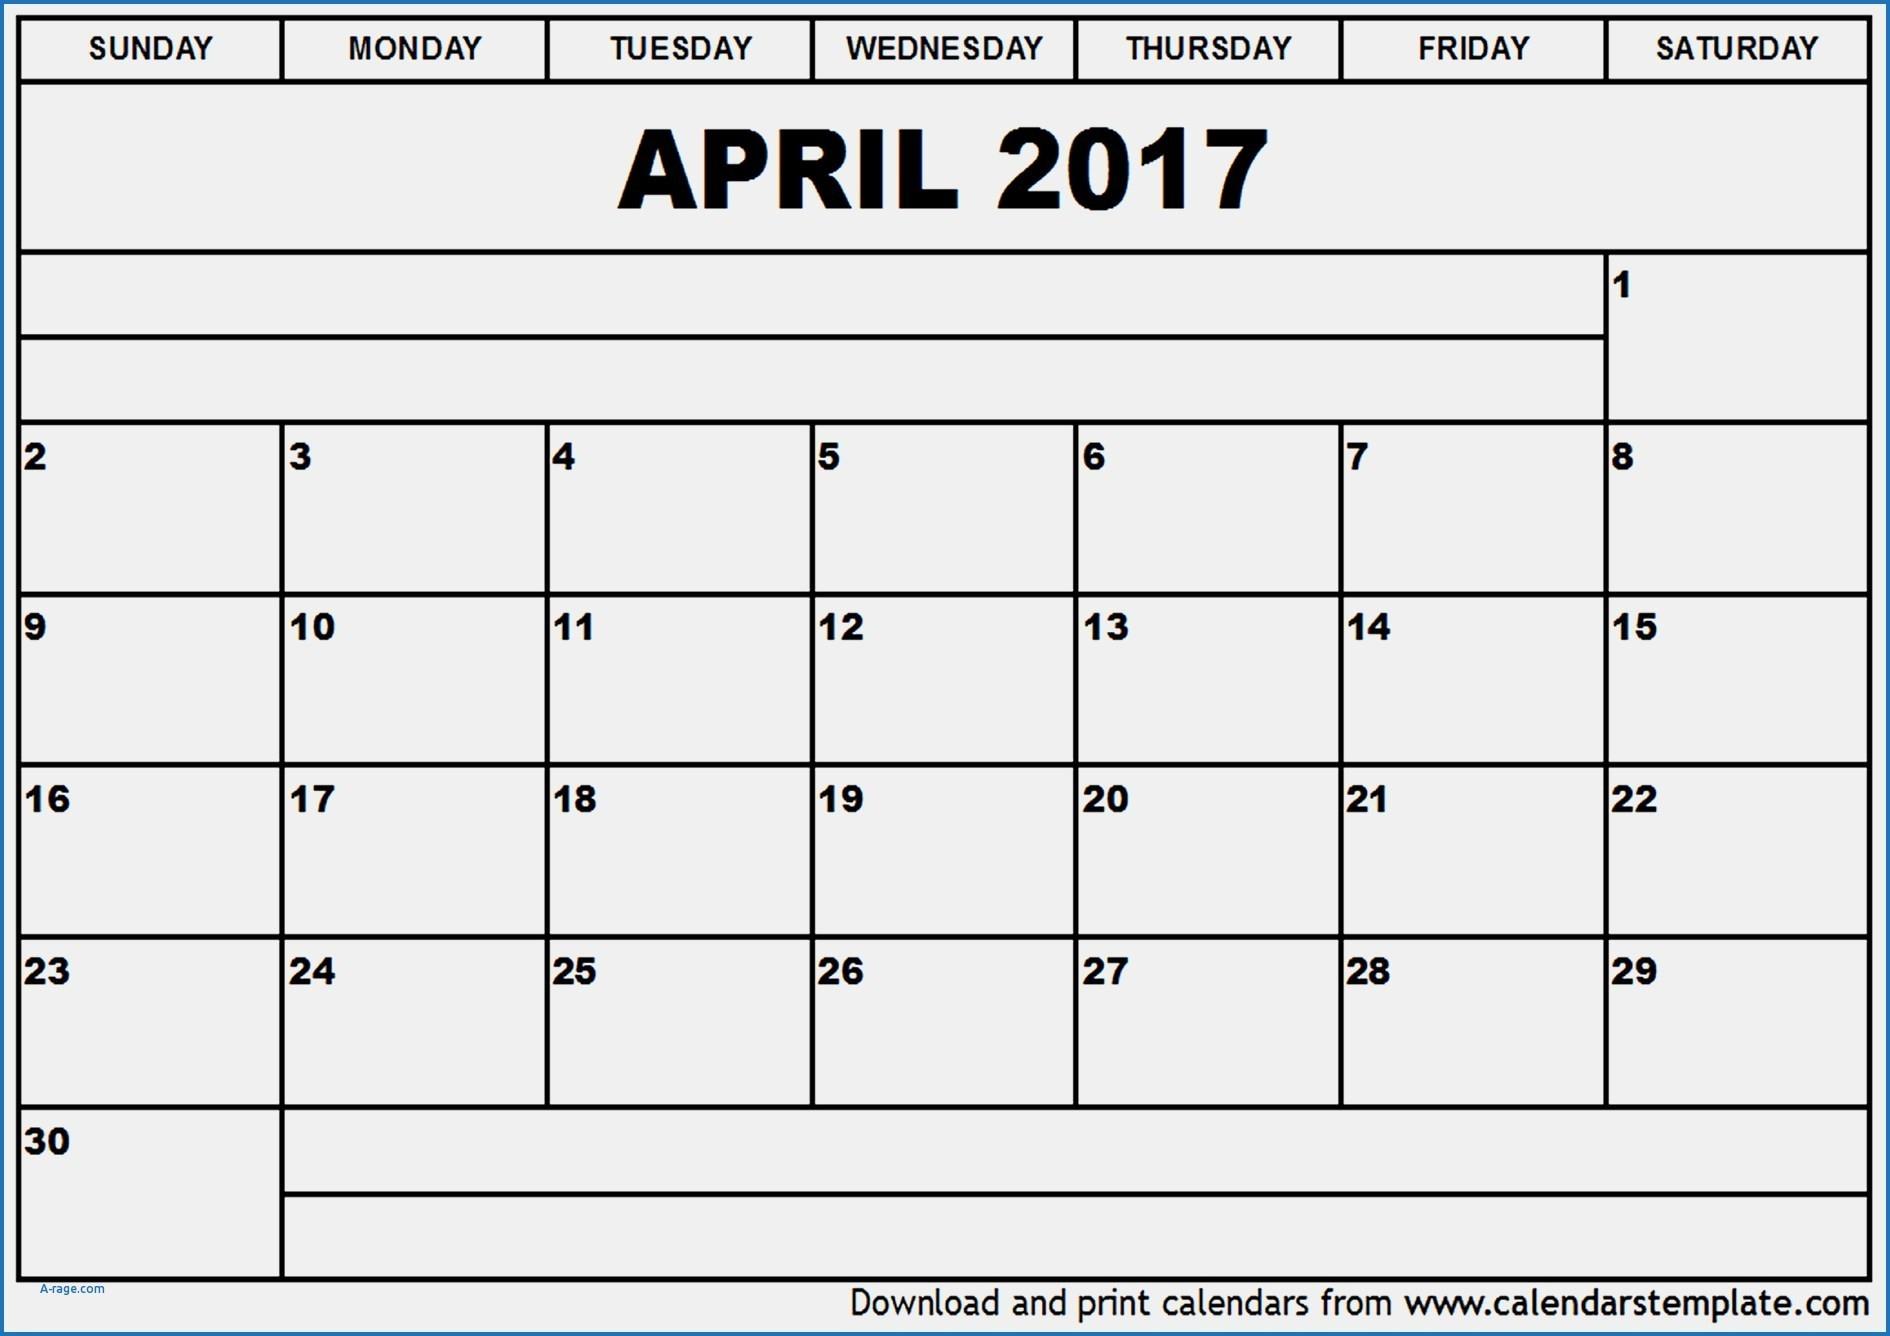 Calendar Template By Vertex42 Com Best Of Calendar 2017 15-Calendar Templates By Vertex42.com